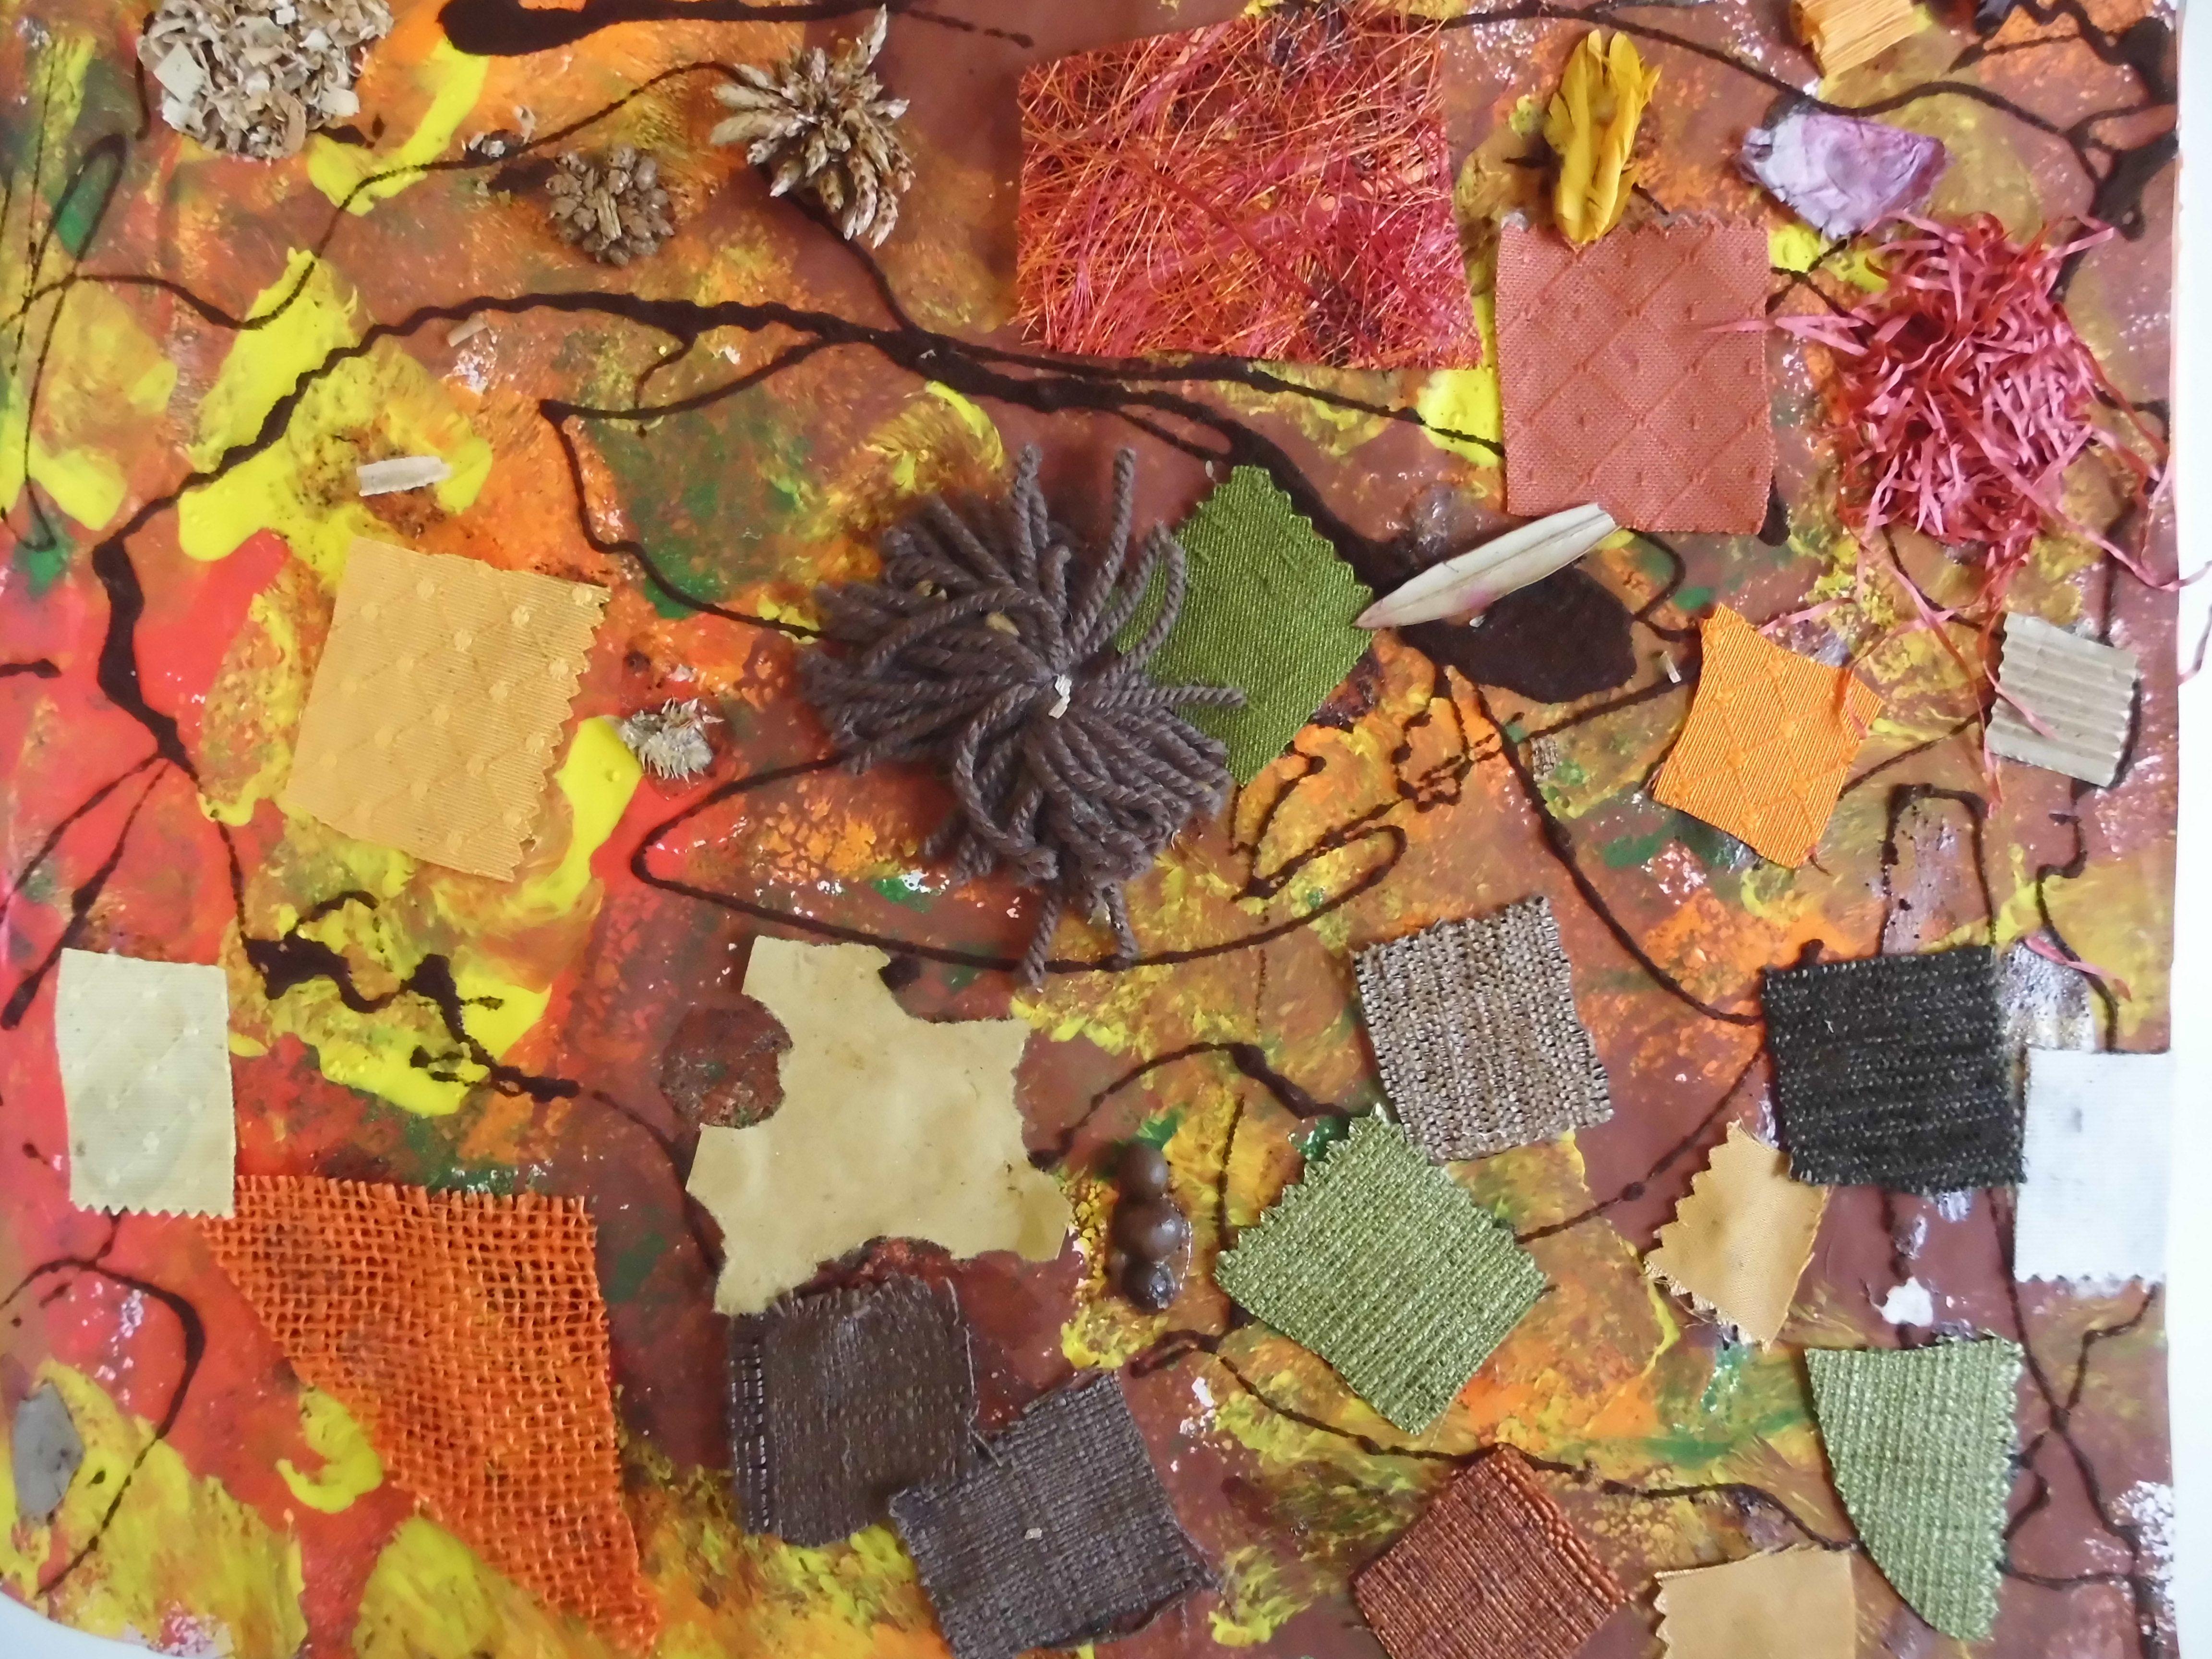 immagine di un collage realizzato da un bimbo i colori sono quelli dell'autunno: verde scuro, marrone, giallo